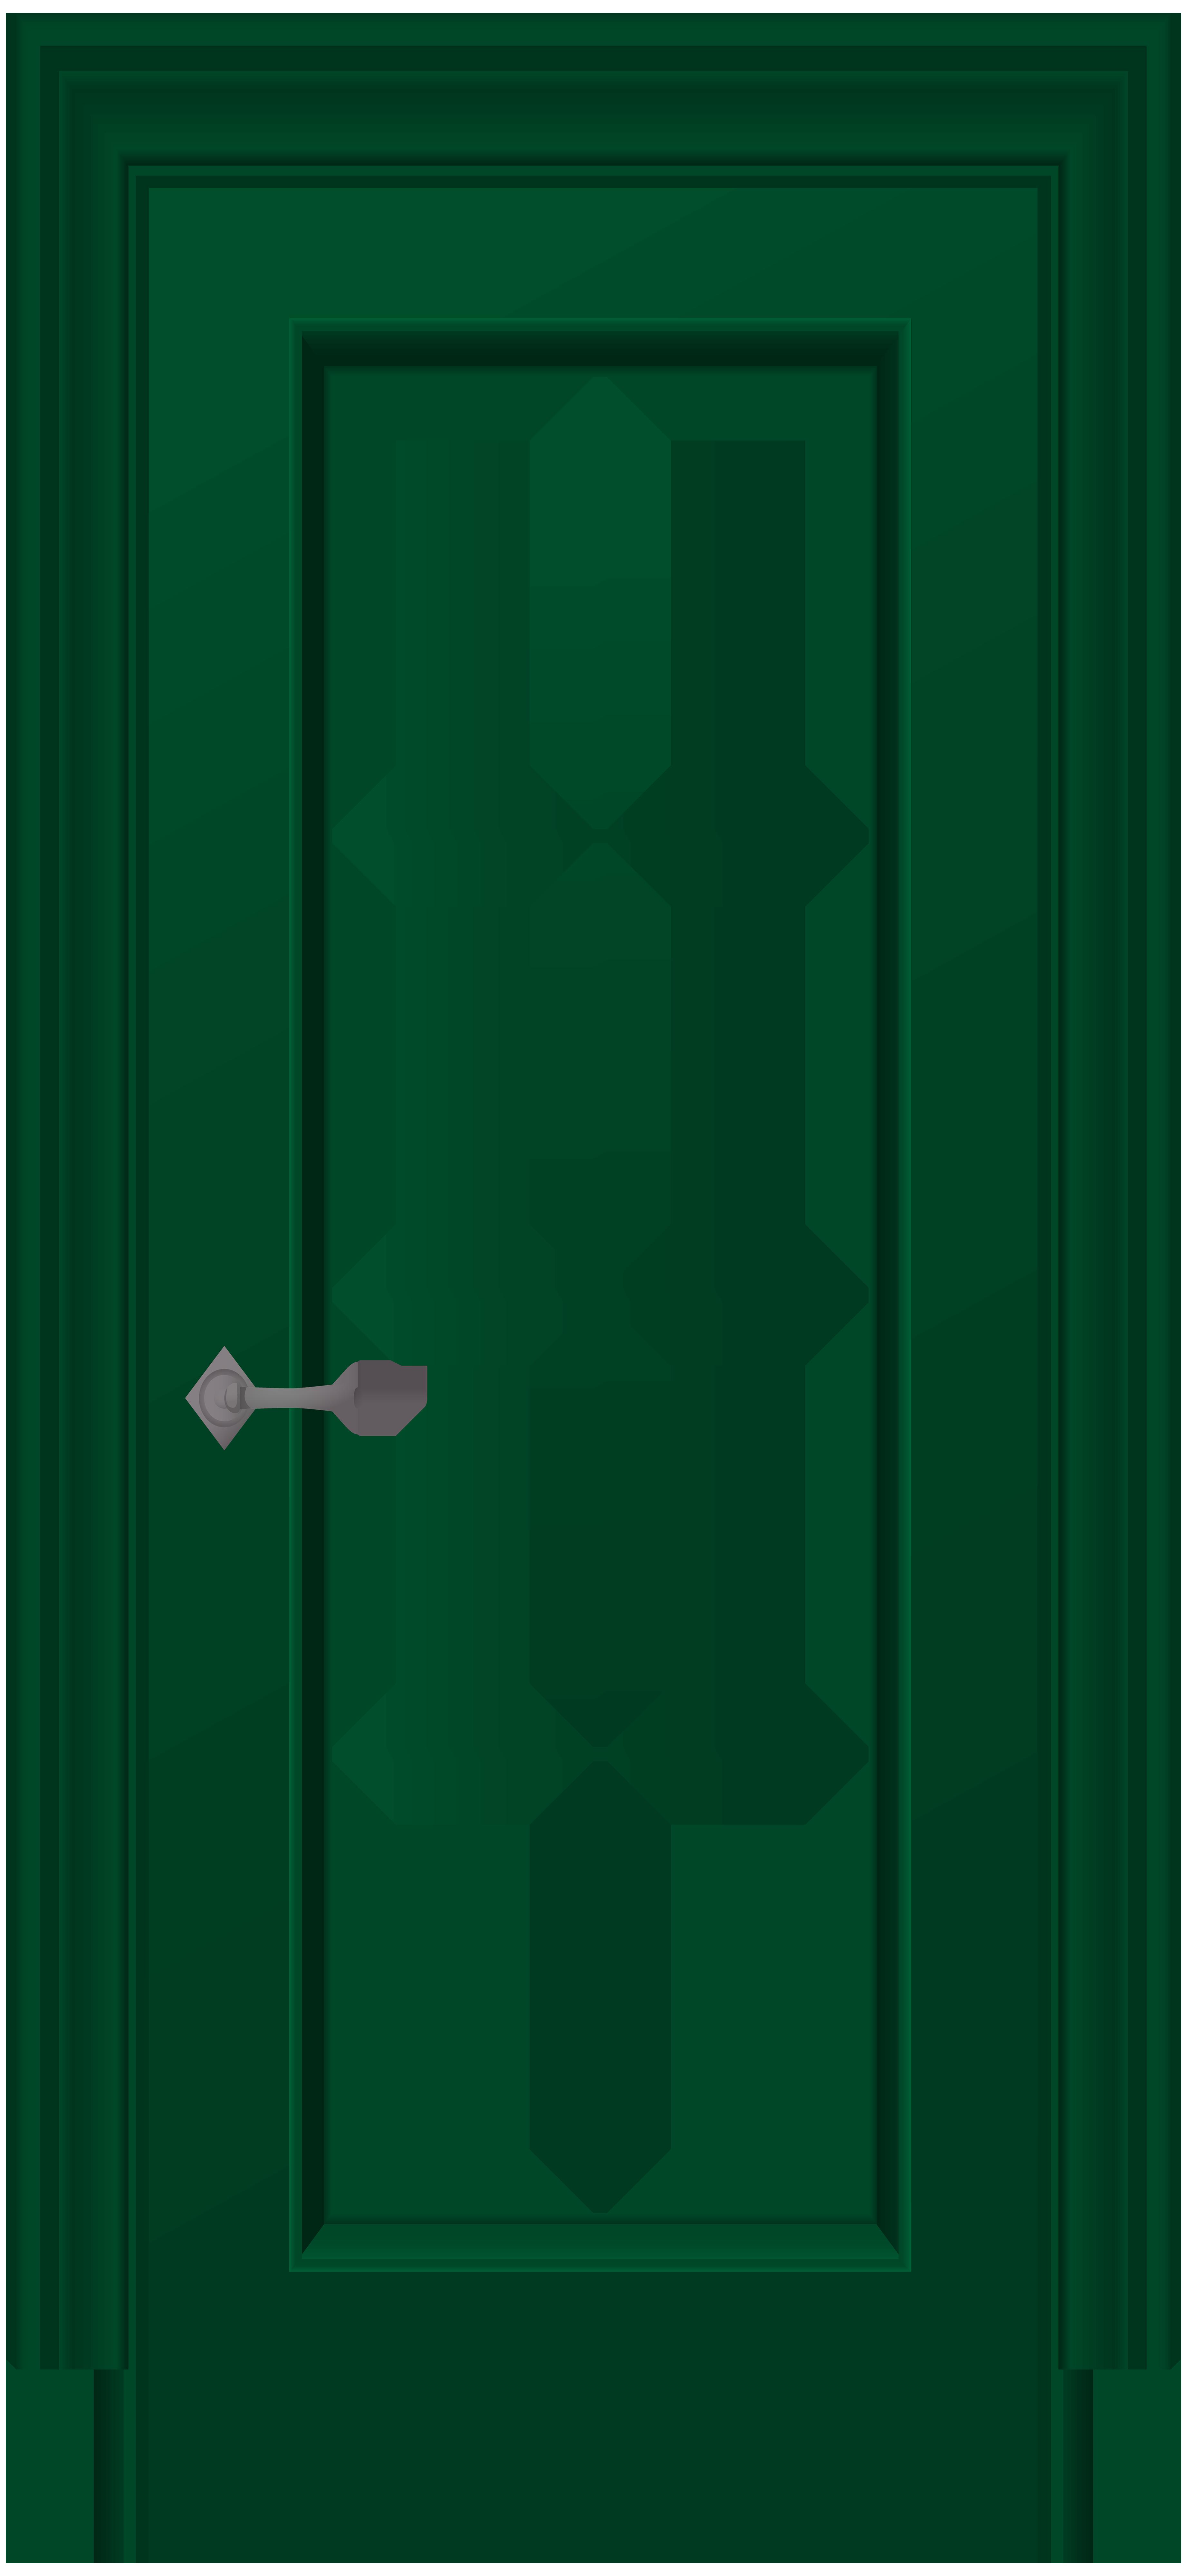 Green png clip art. Clipart door orange door